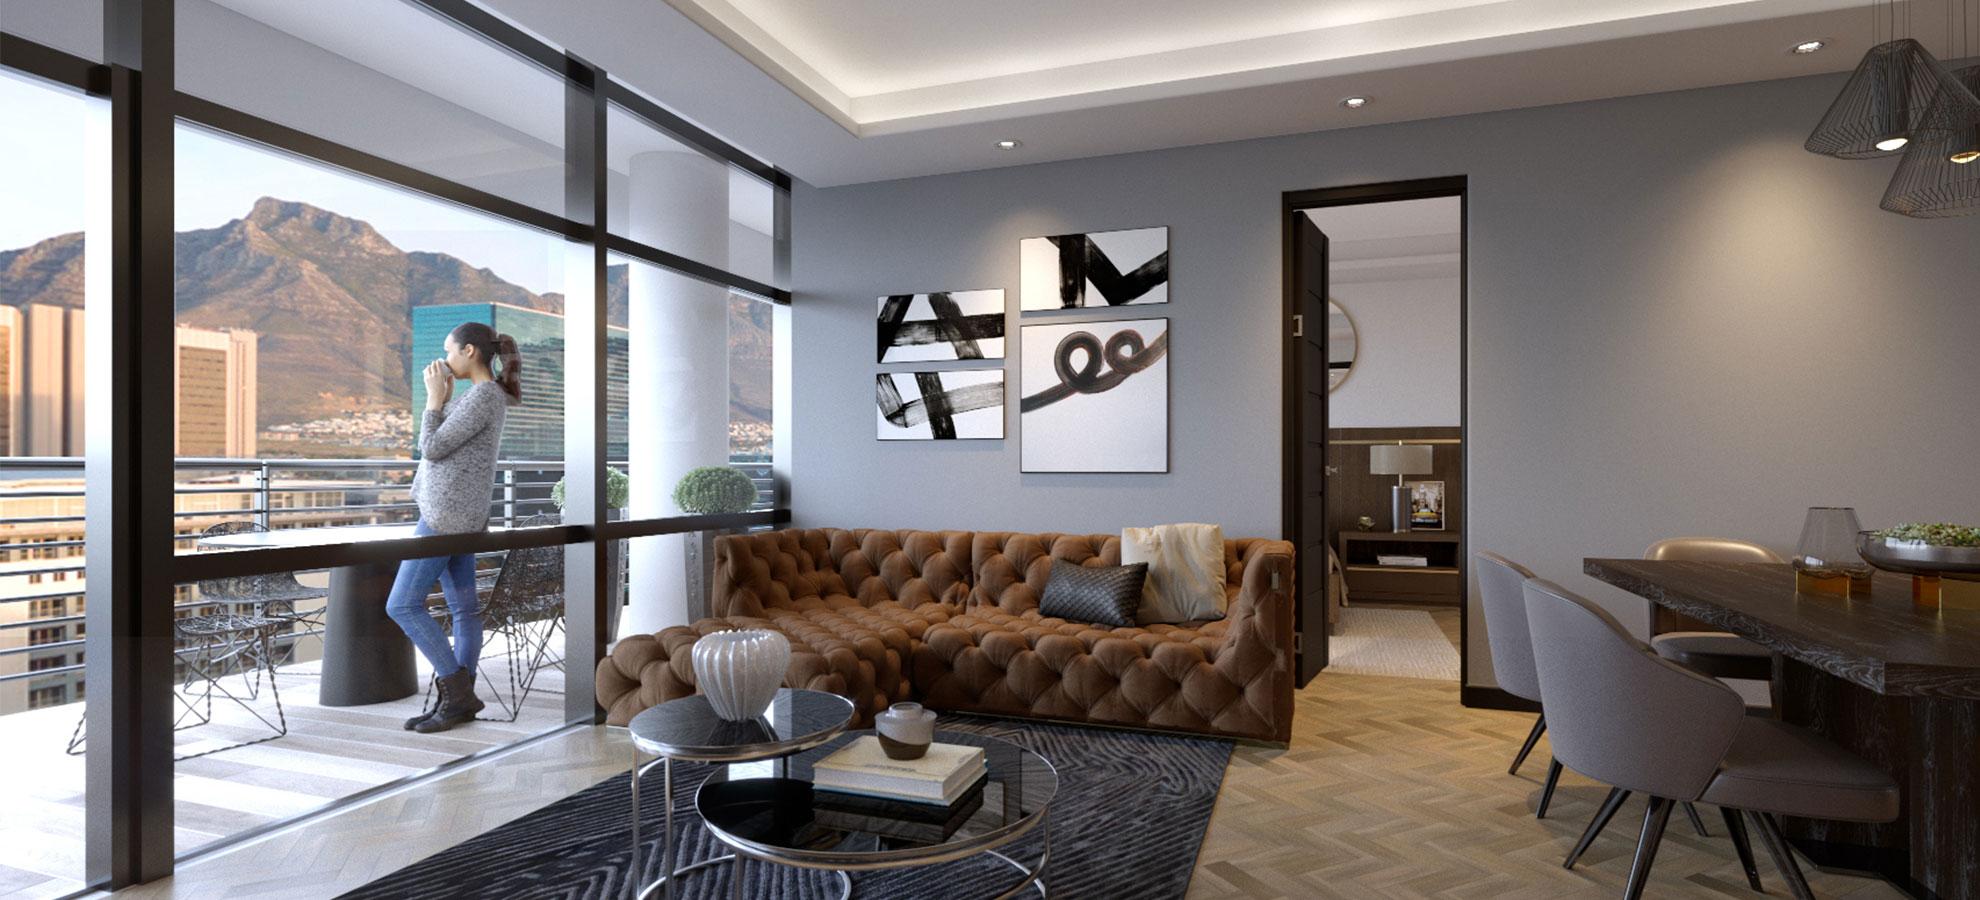 apartment_interior